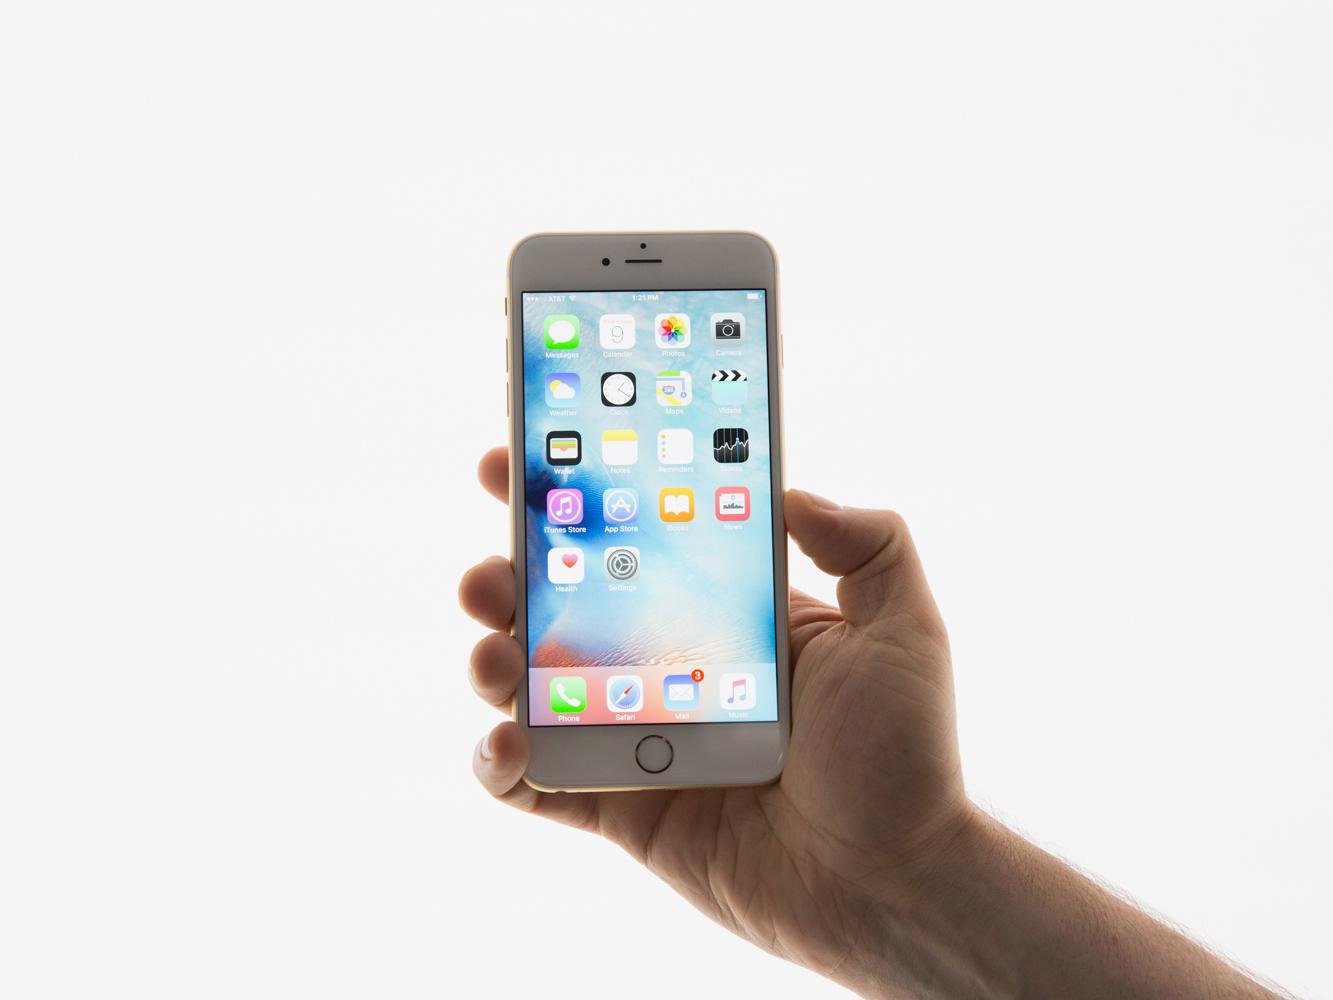 Как добавить фотографии в уже созданный альбом на iPhone?